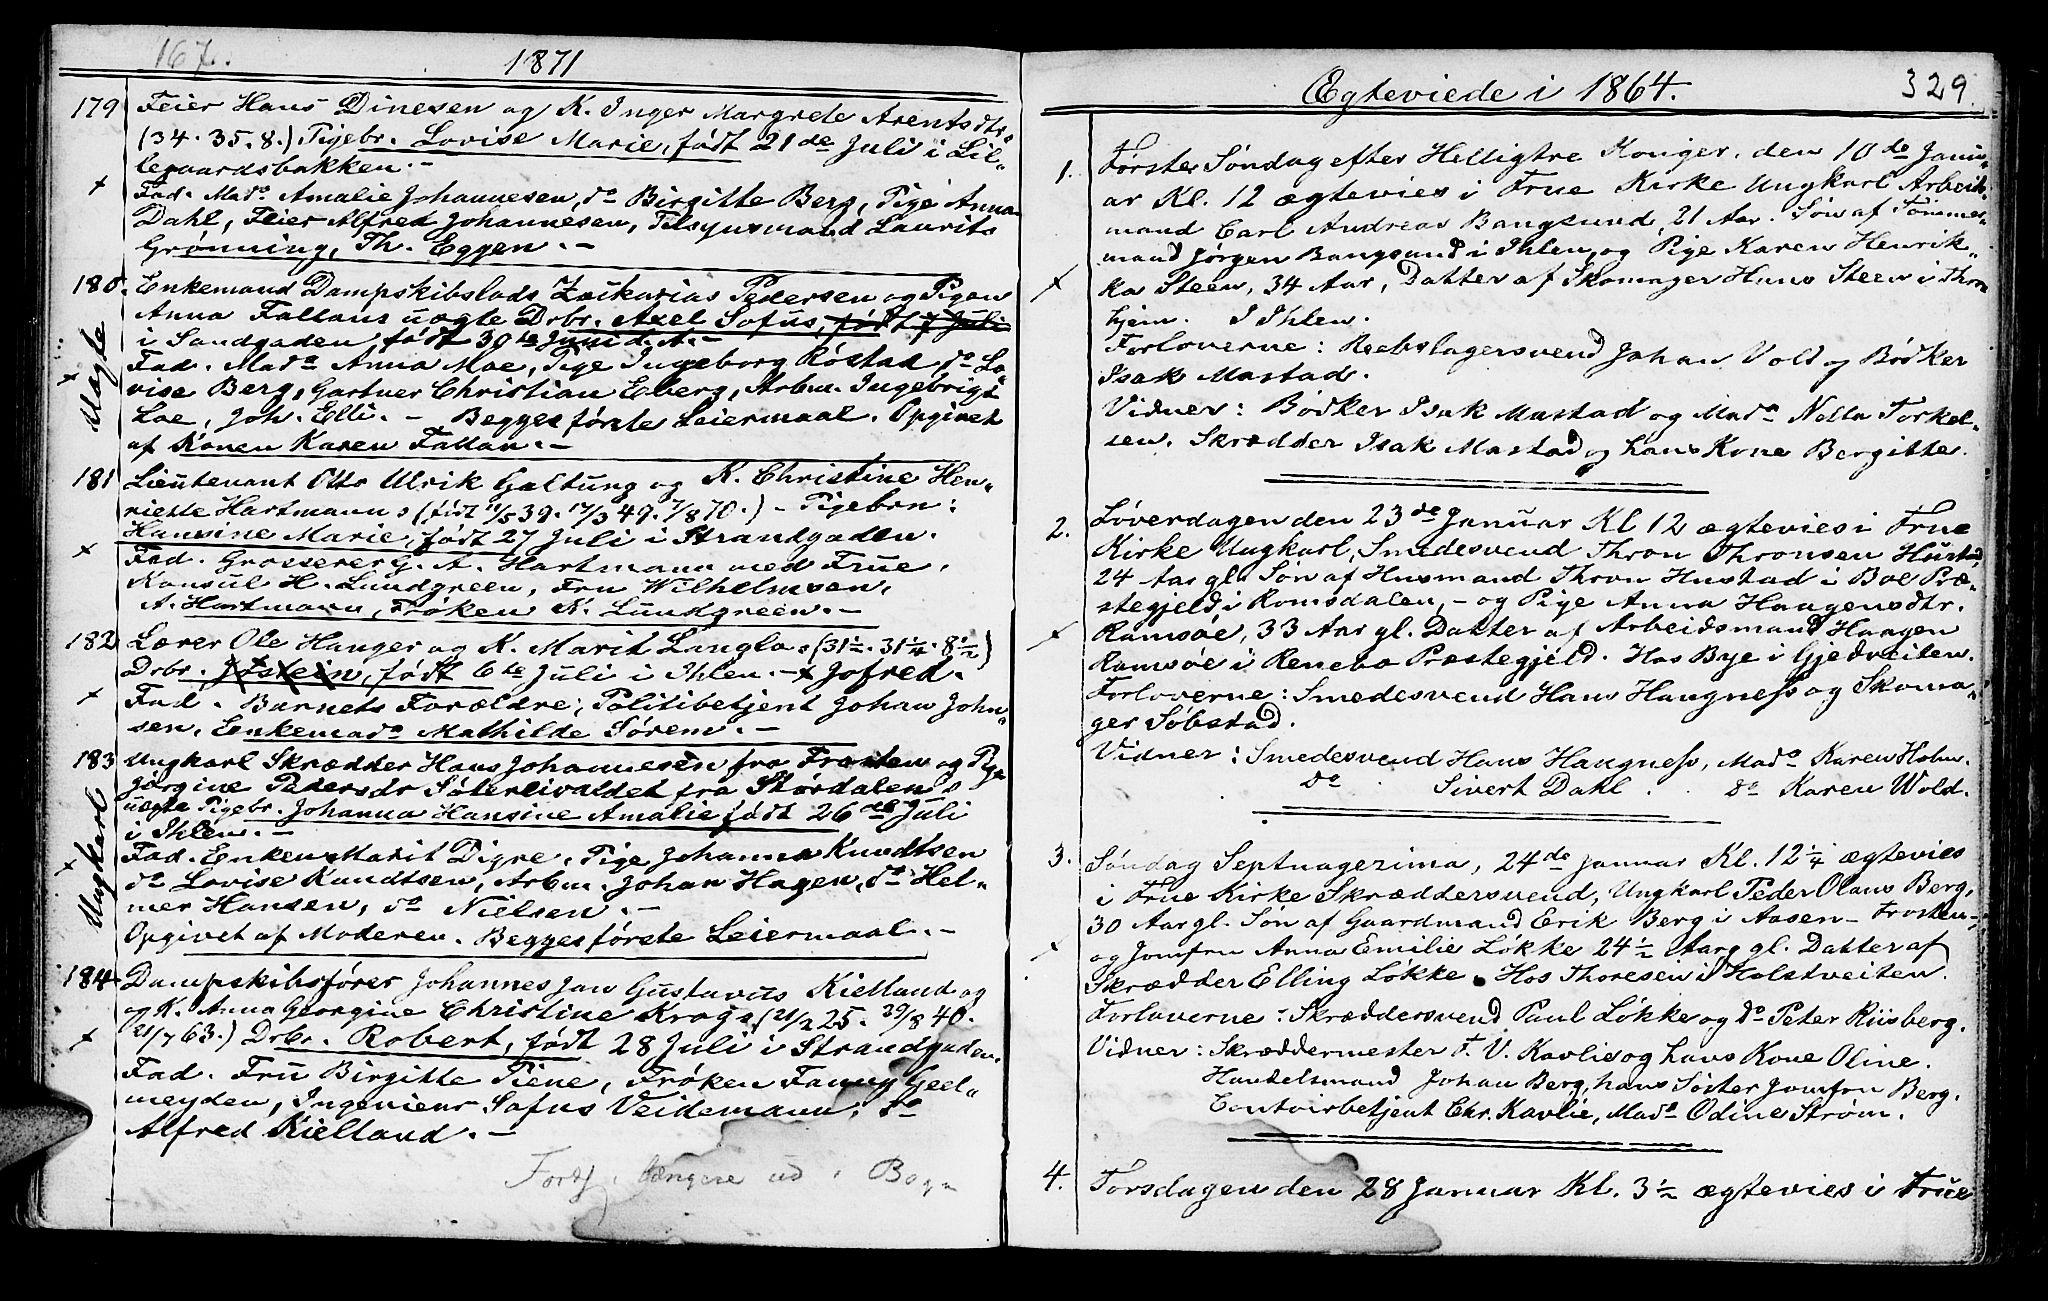 SAT, Ministerialprotokoller, klokkerbøker og fødselsregistre - Sør-Trøndelag, 602/L0140: Klokkerbok nr. 602C08, 1864-1872, s. 328-329